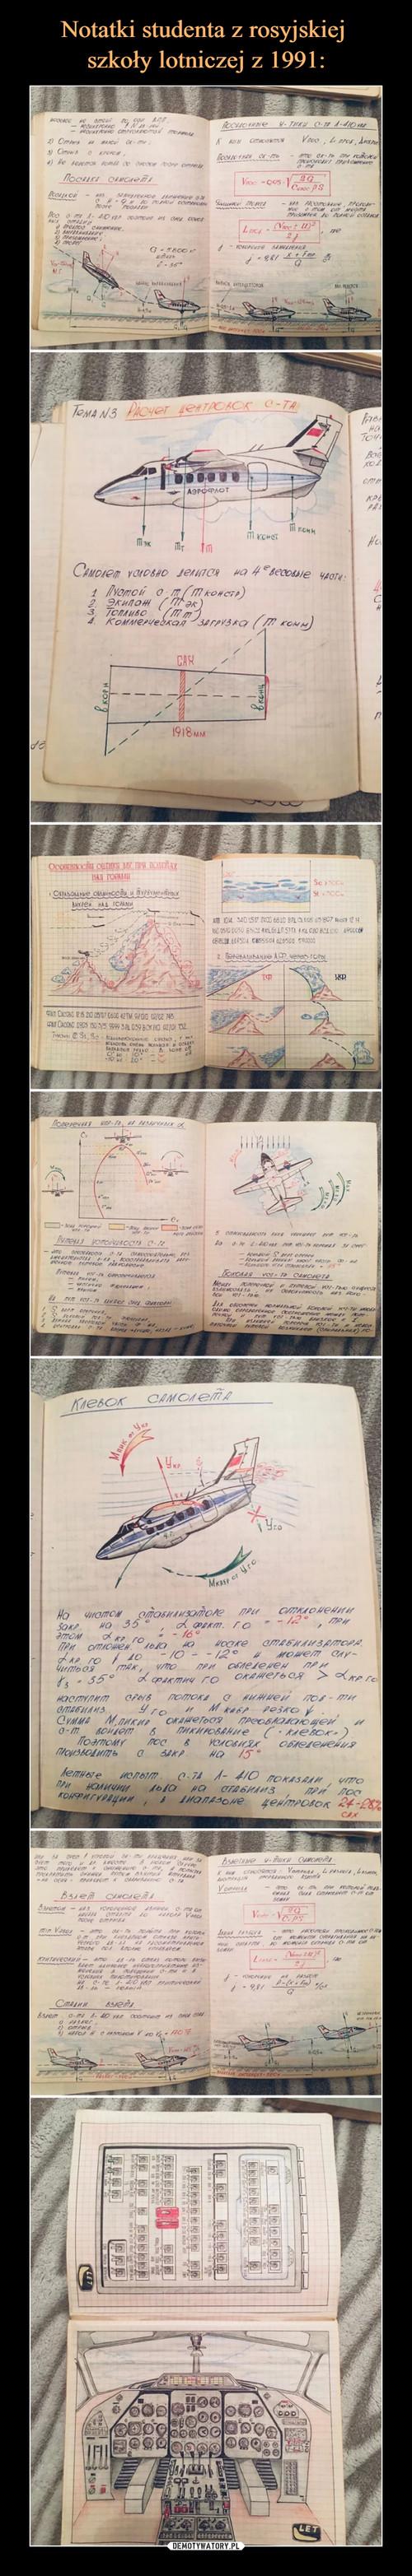 Notatki studenta z rosyjskiej  szkoły lotniczej z 1991: